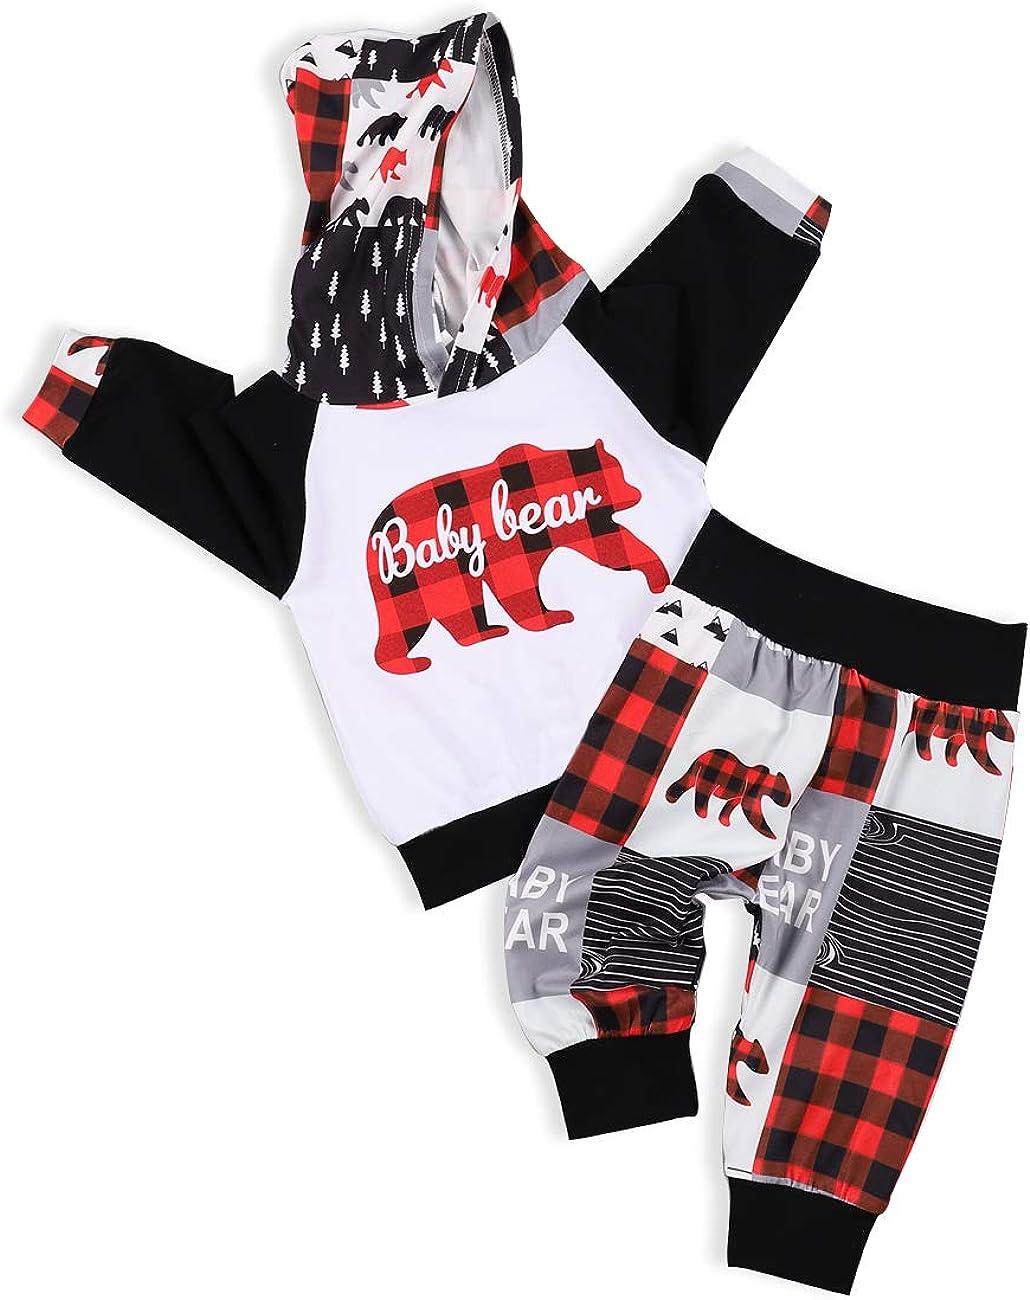 Baby Boys ClothesToddler Boy Hoodie Pants Set Long Sleeves Sweatshirt Outfit